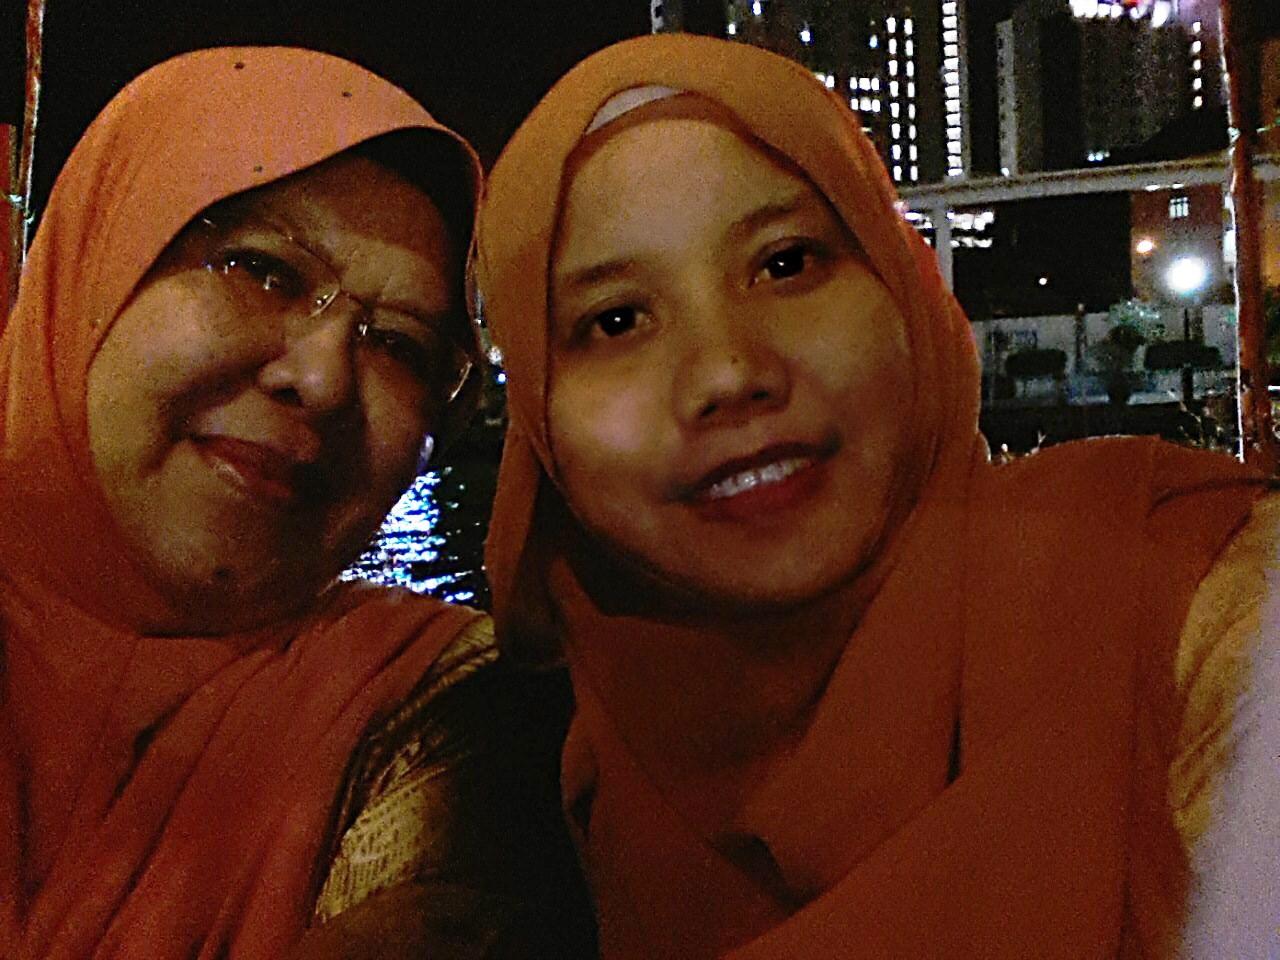 Dato56 Dato Kelenjeridze: Untuk Kita-Kita: Bersama Rakan Sepejabat Semasa Makan